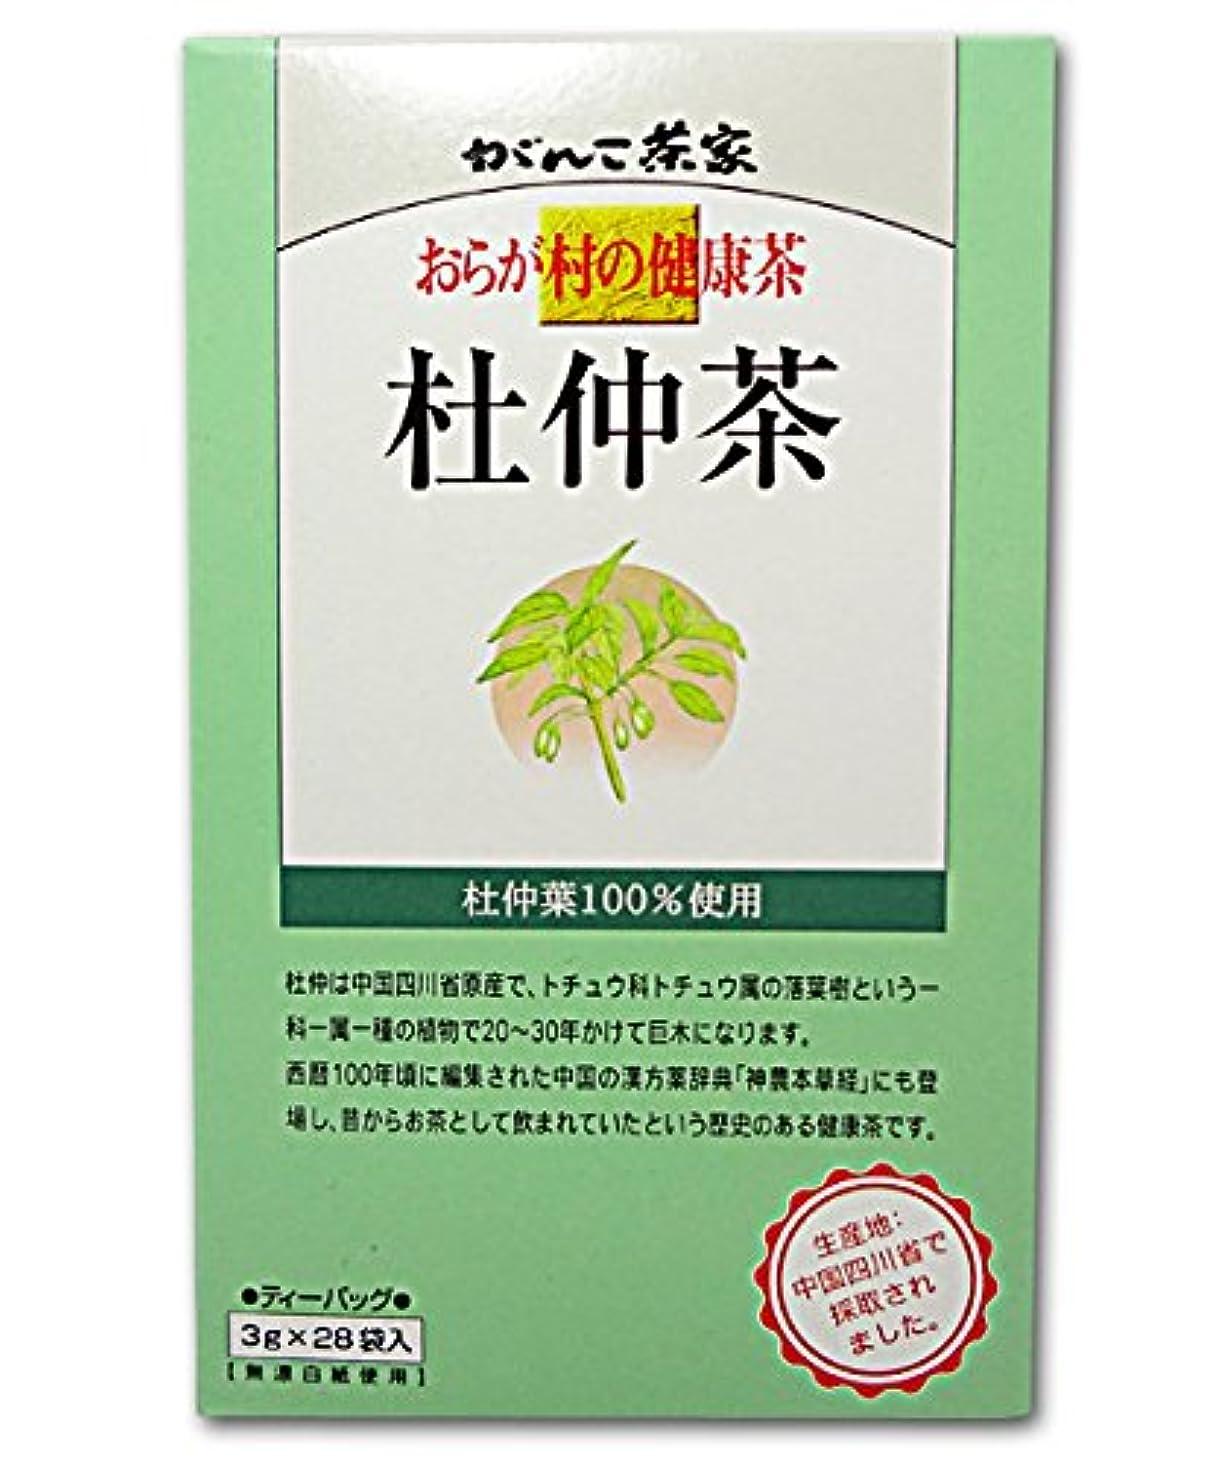 ぐったり排他的ラインナップがんこ茶家 おらが村の健康茶 杜仲茶 3g×28袋